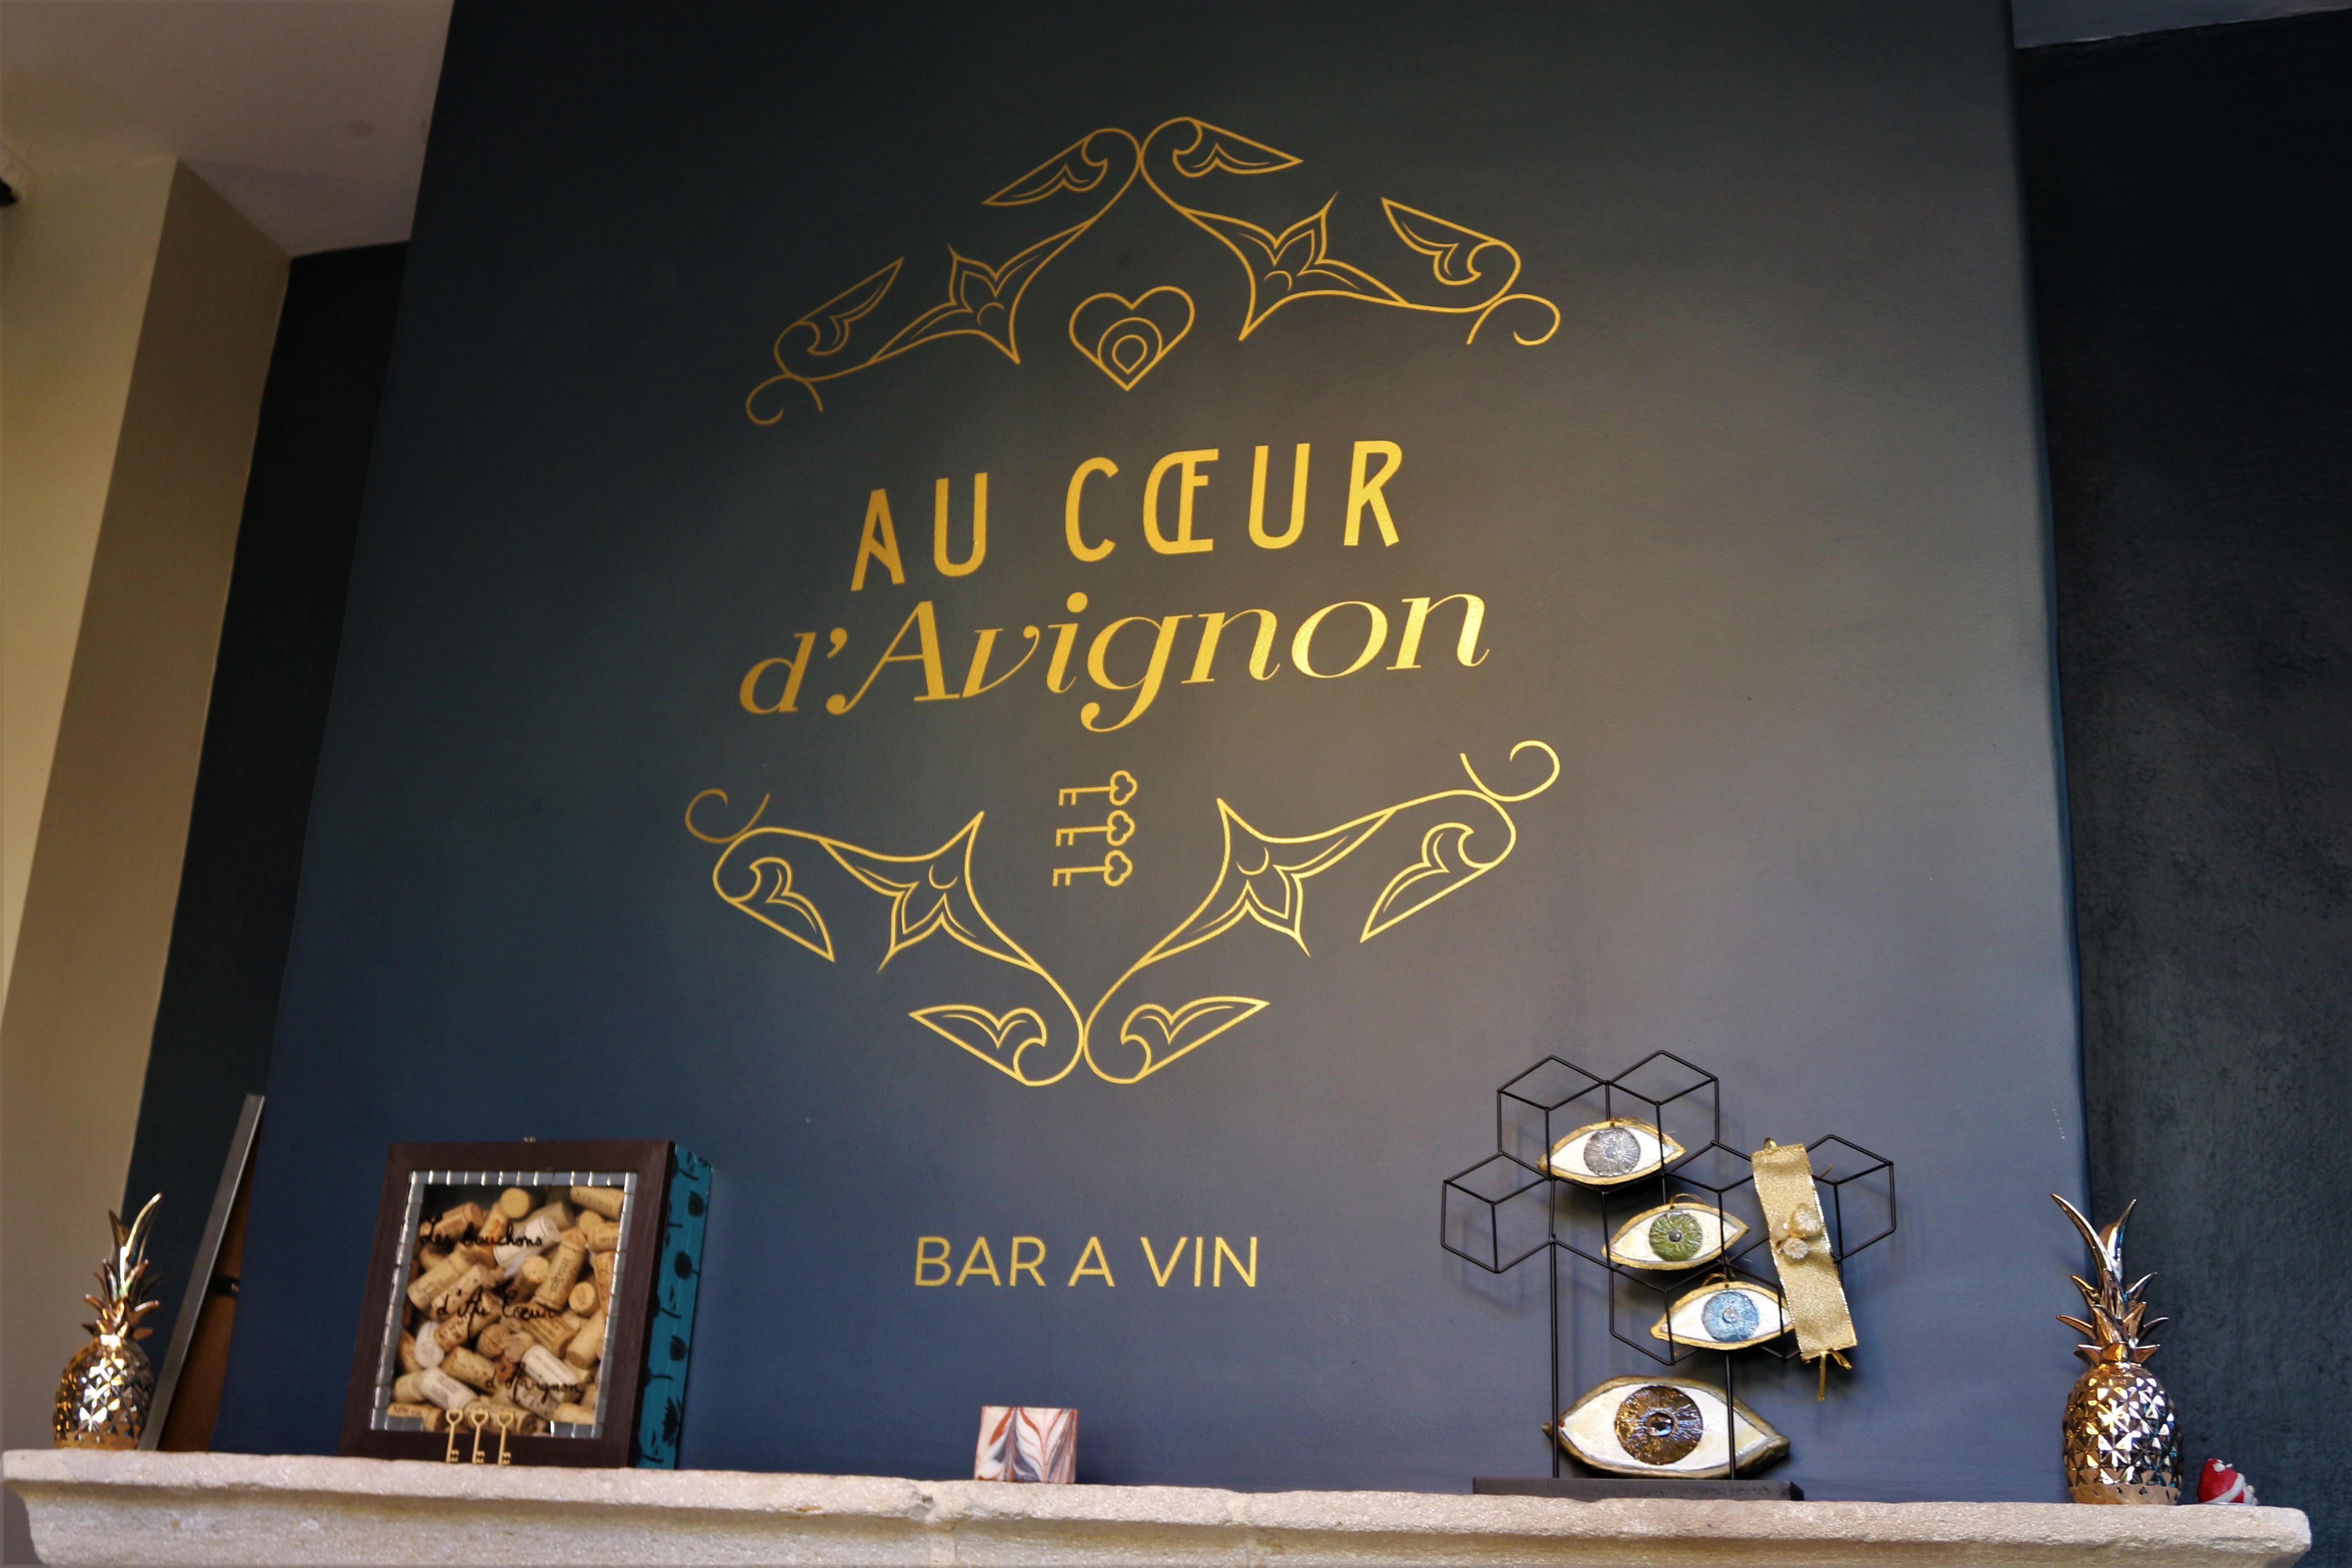 Au cœur d'Avignon: le bar à vins d'Avignon